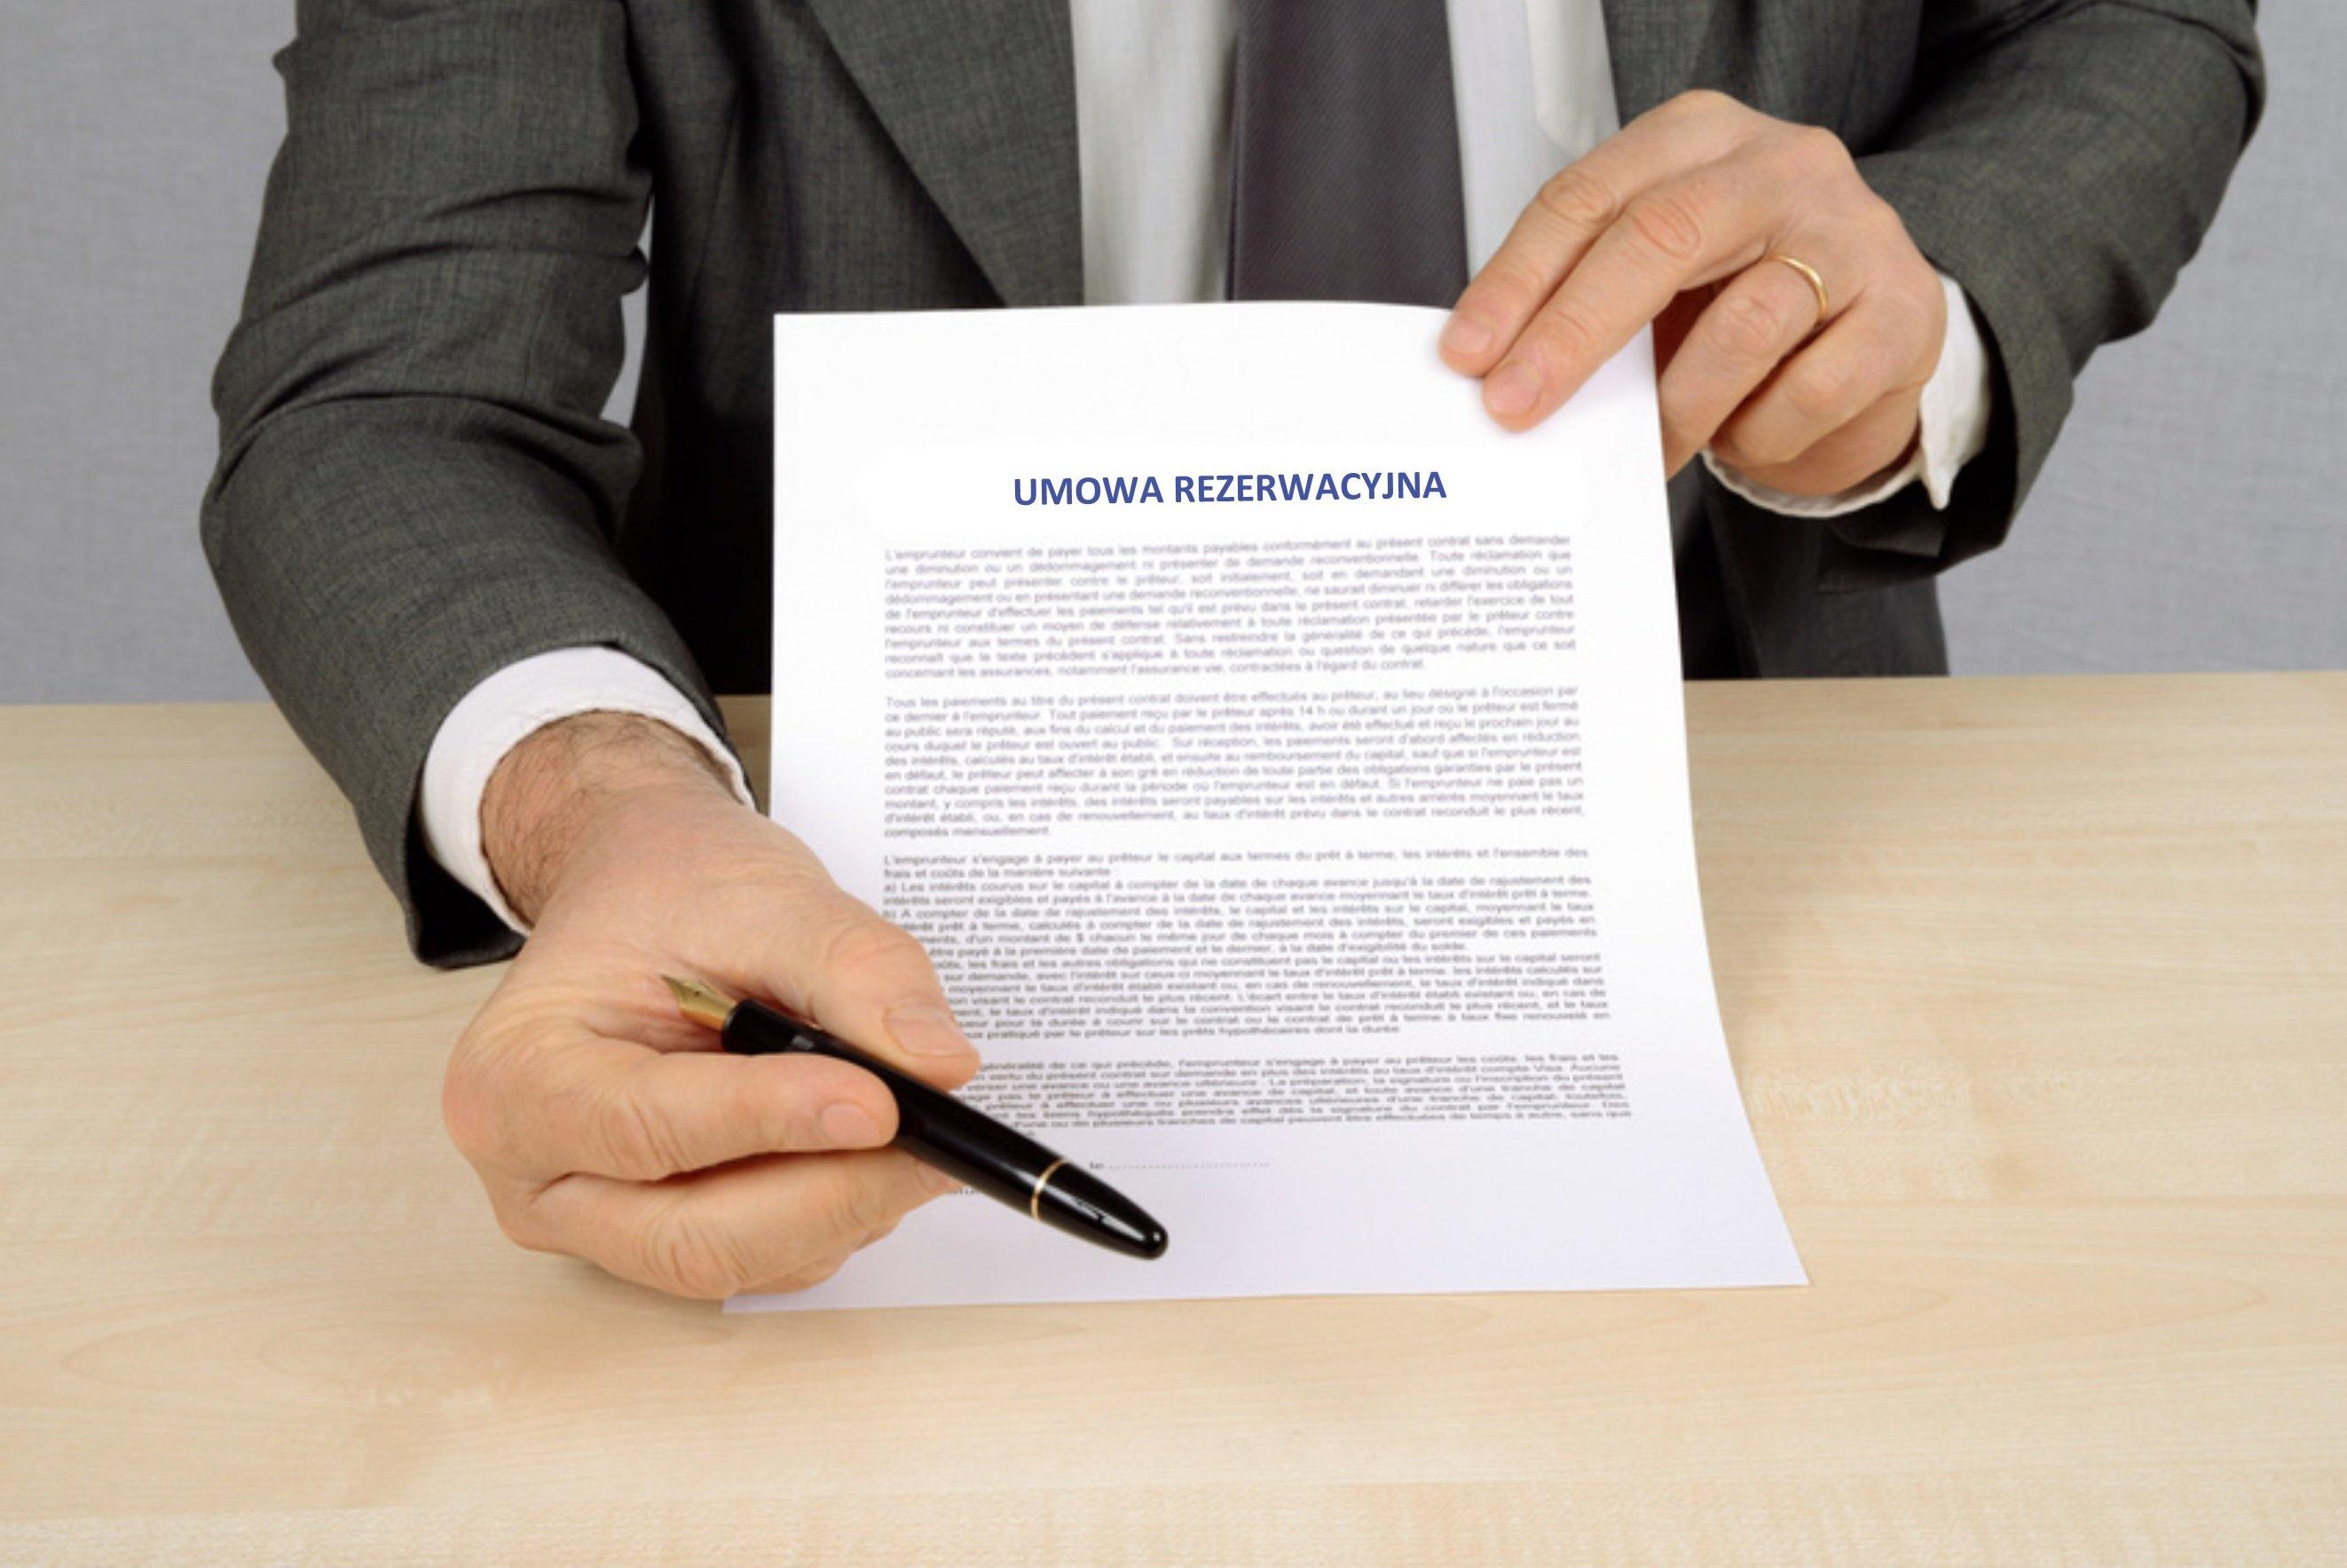 Umowa rezerwacyjna elementem sprawnego wynajmu